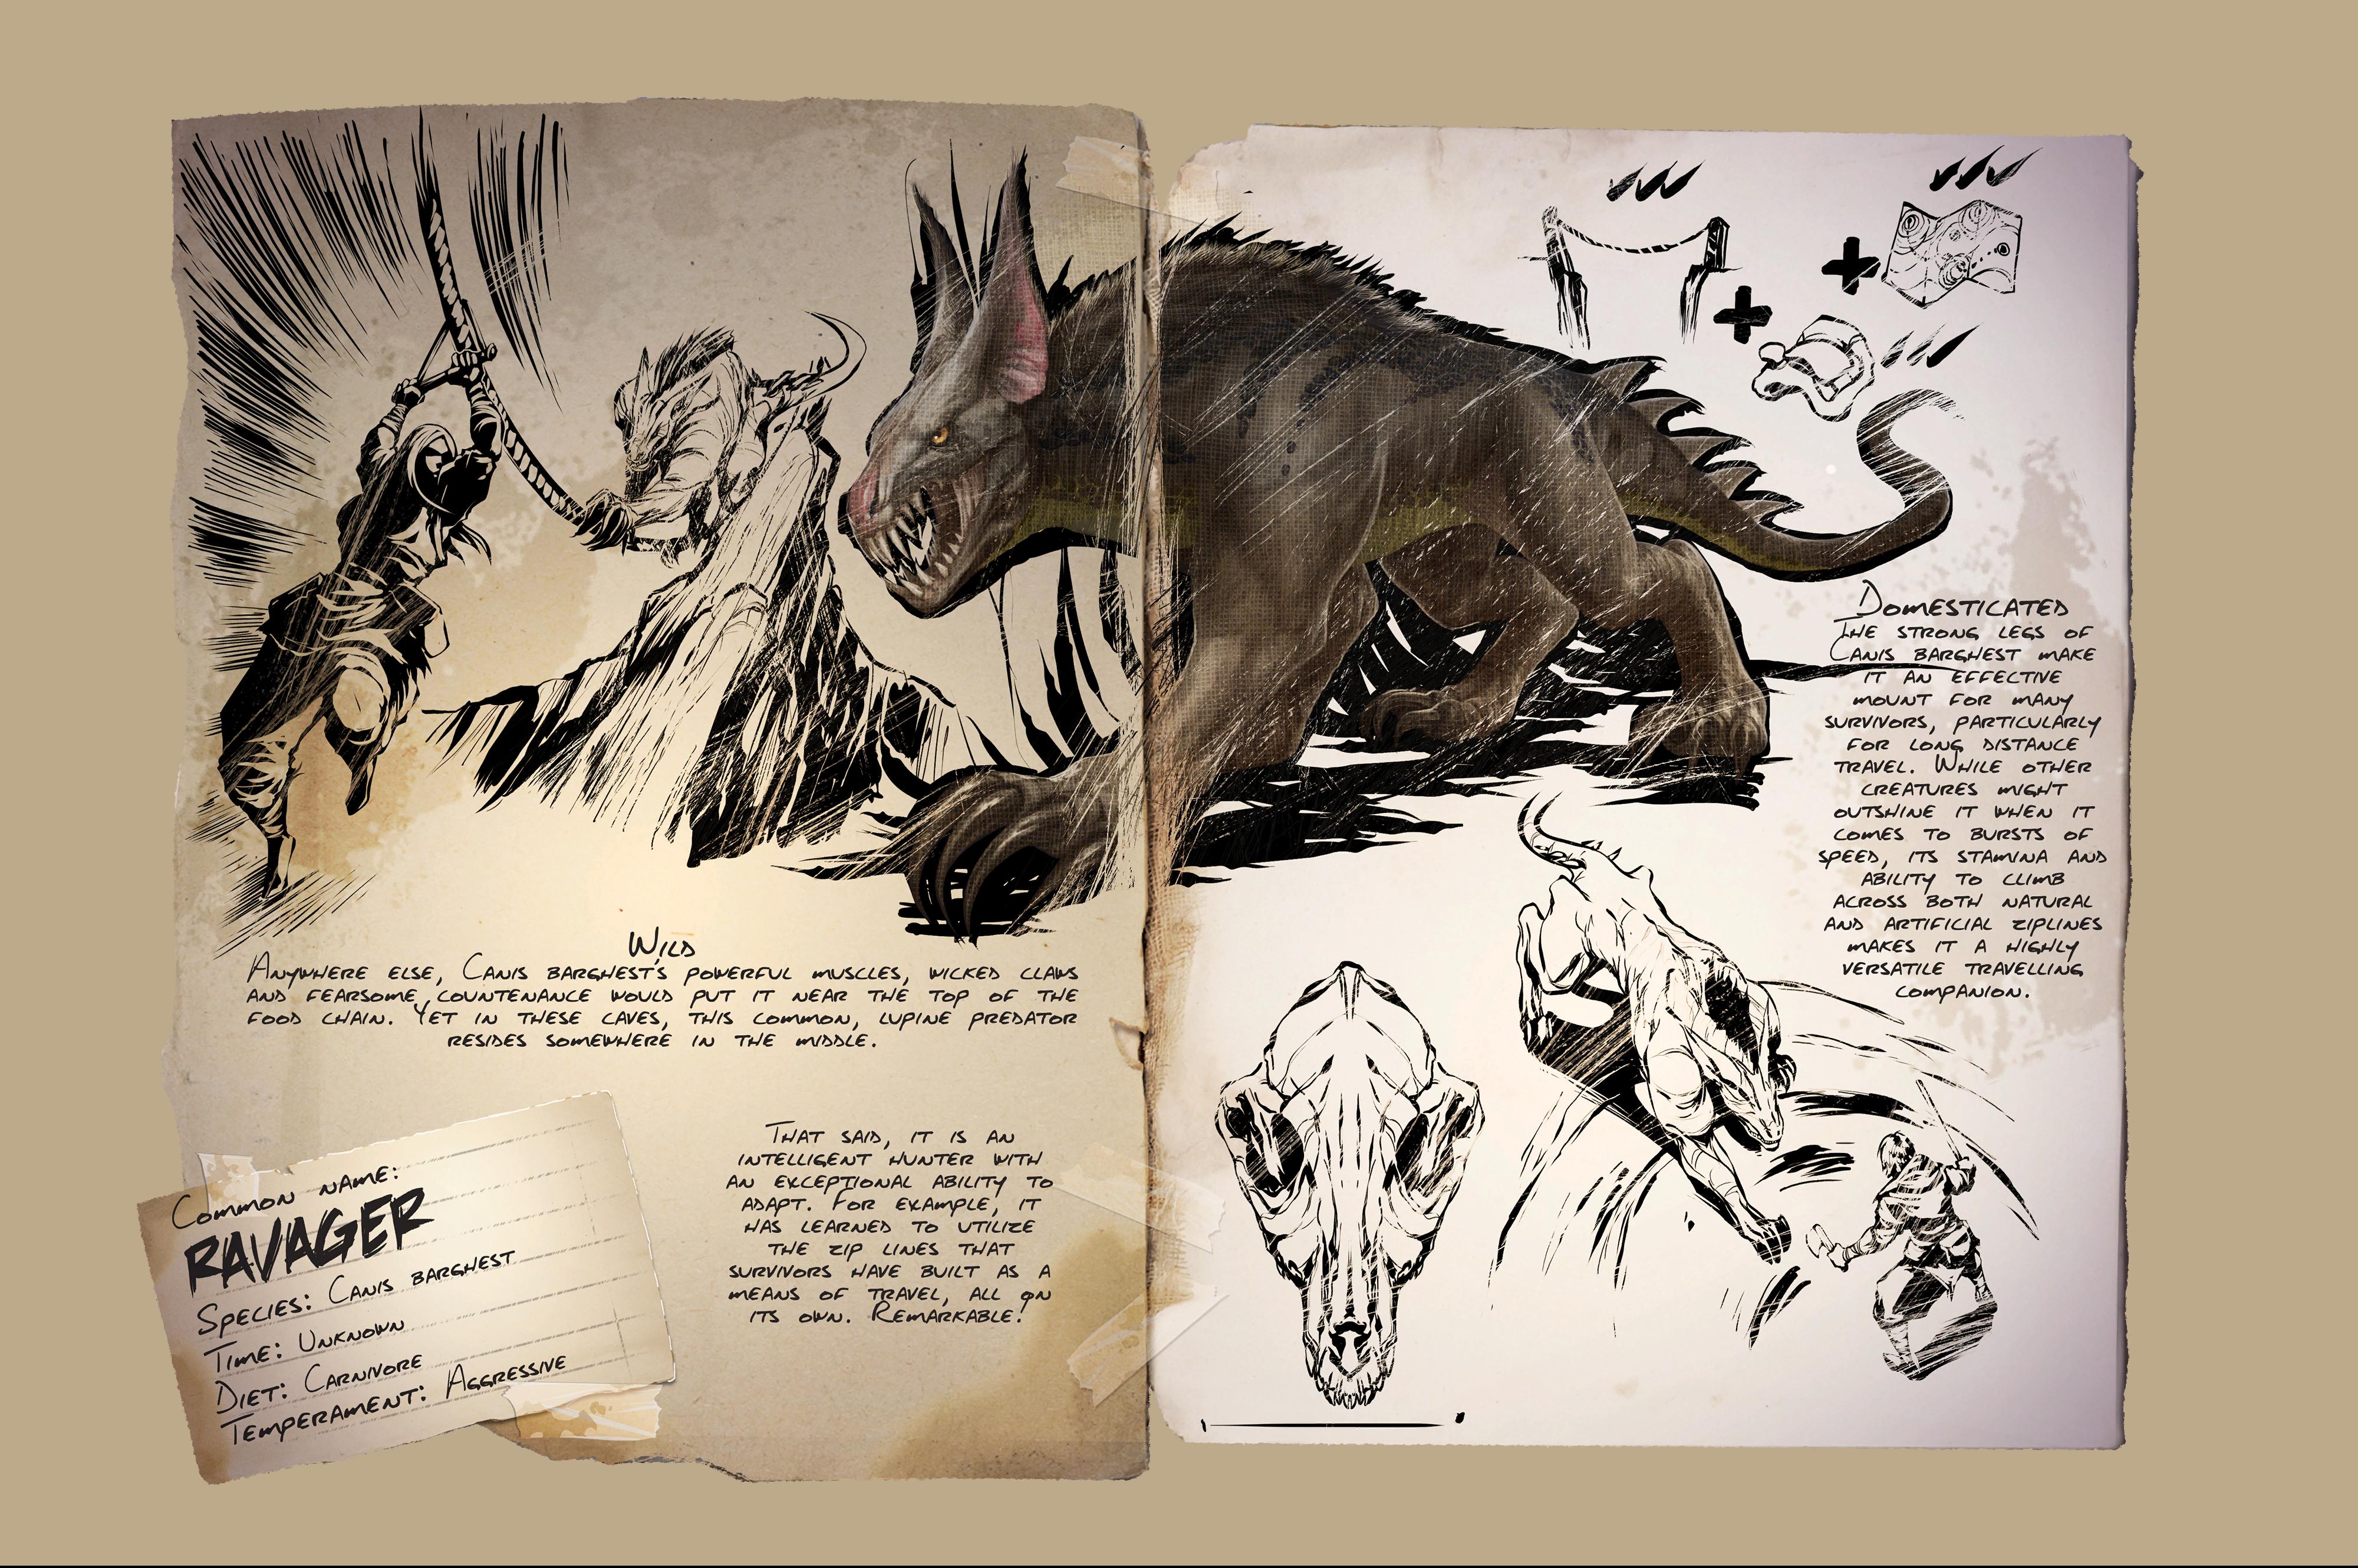 Deutsches Dino Dossier: Ravager